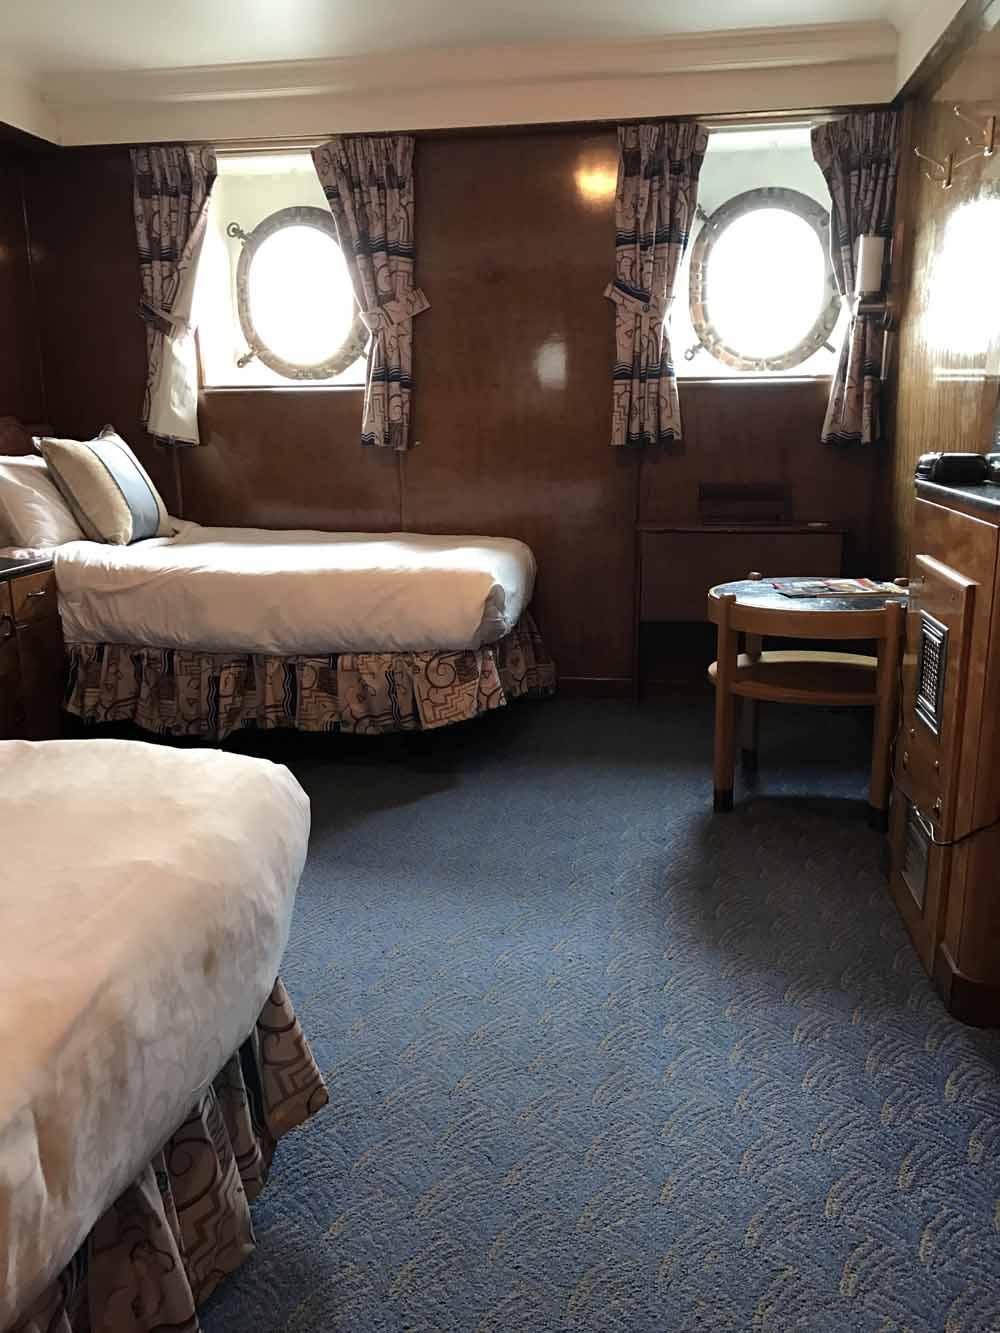 Kummitusjahdissa Queen Mary -aluksella 12